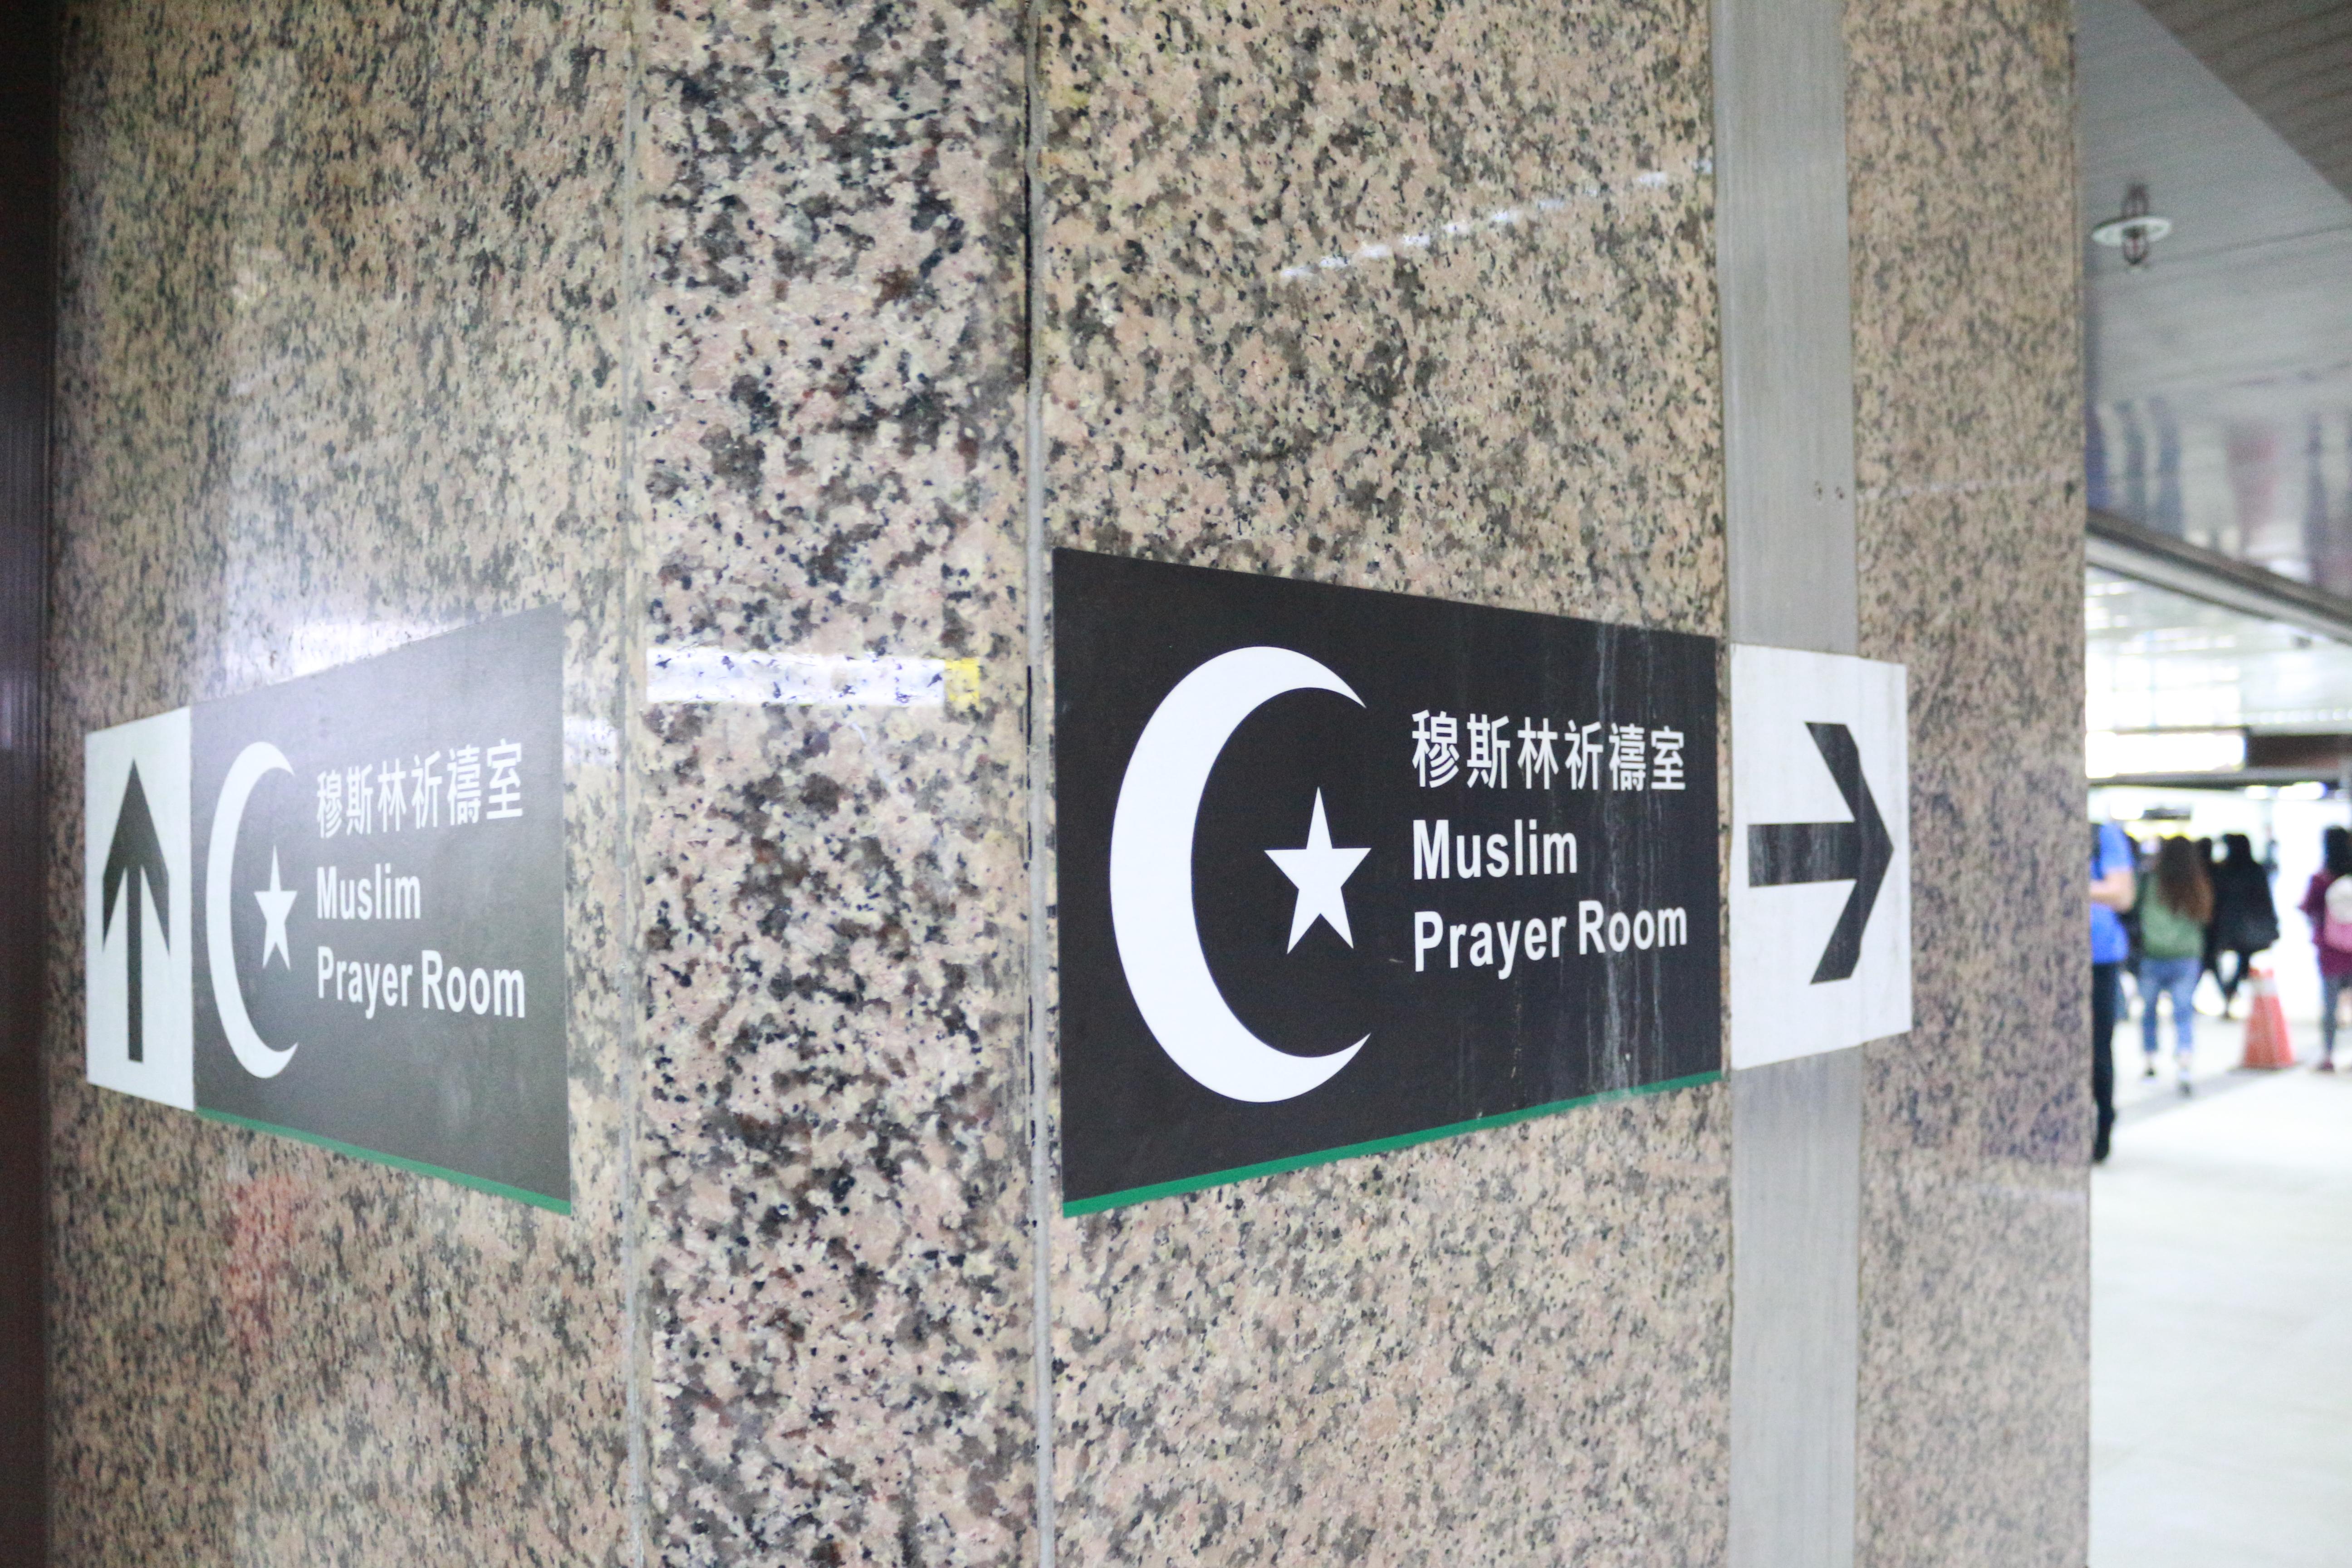 台北車站地下一樓設有穆斯林專屬祈禱室。攝影/莊立誠